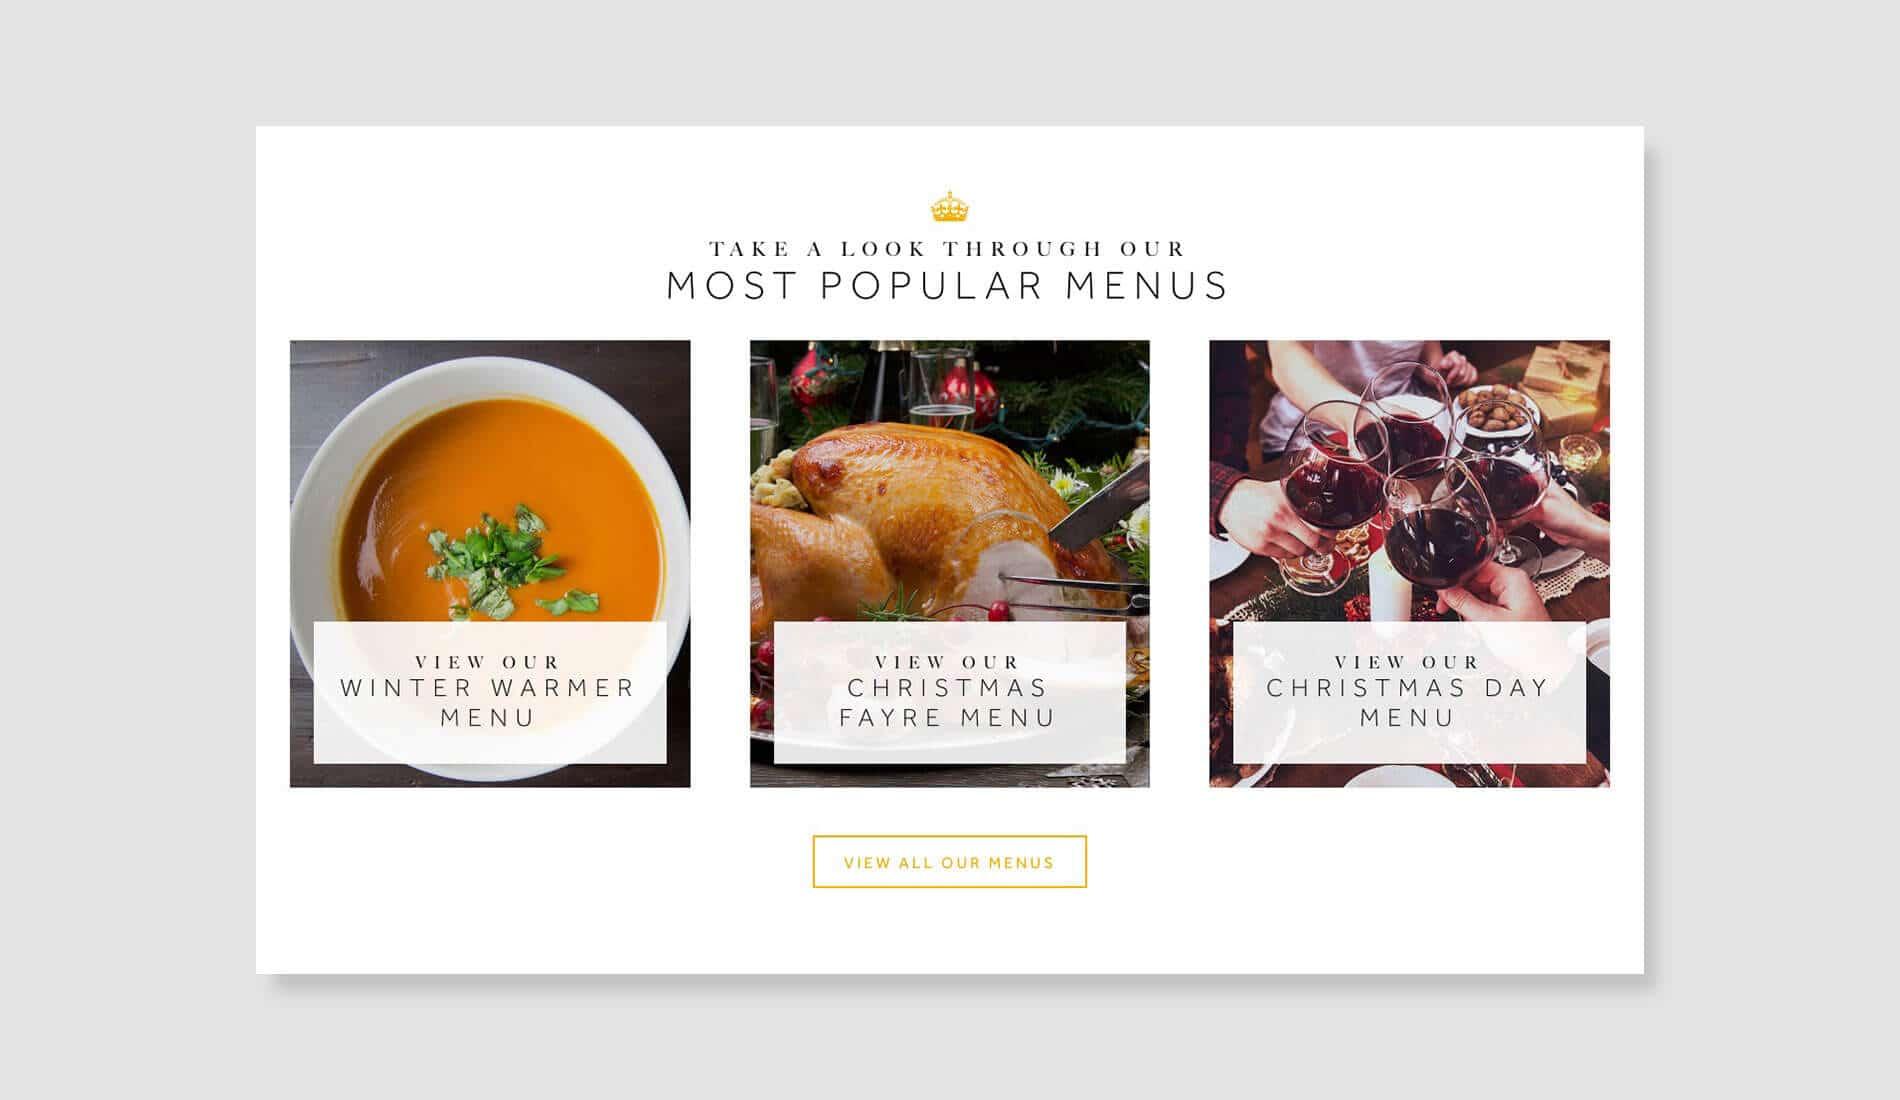 Blackboy website design menus on grey background